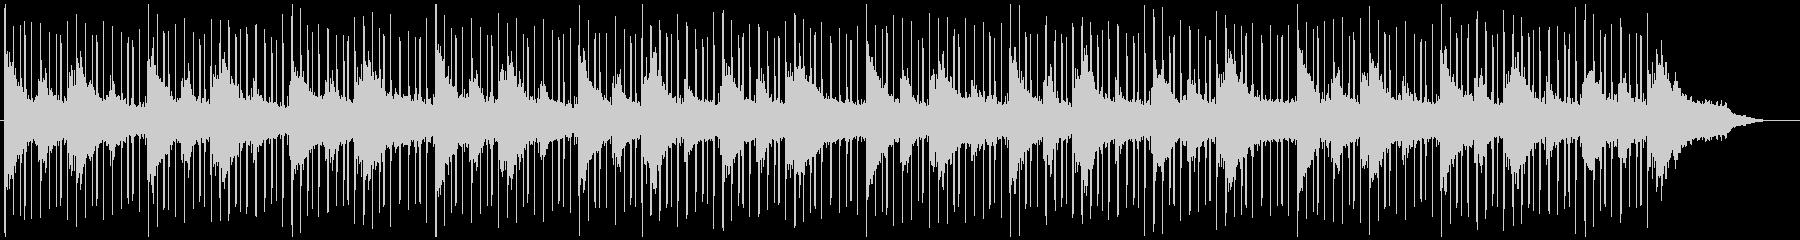 ループ系の使いやすいBGM(ベースなし)の未再生の波形